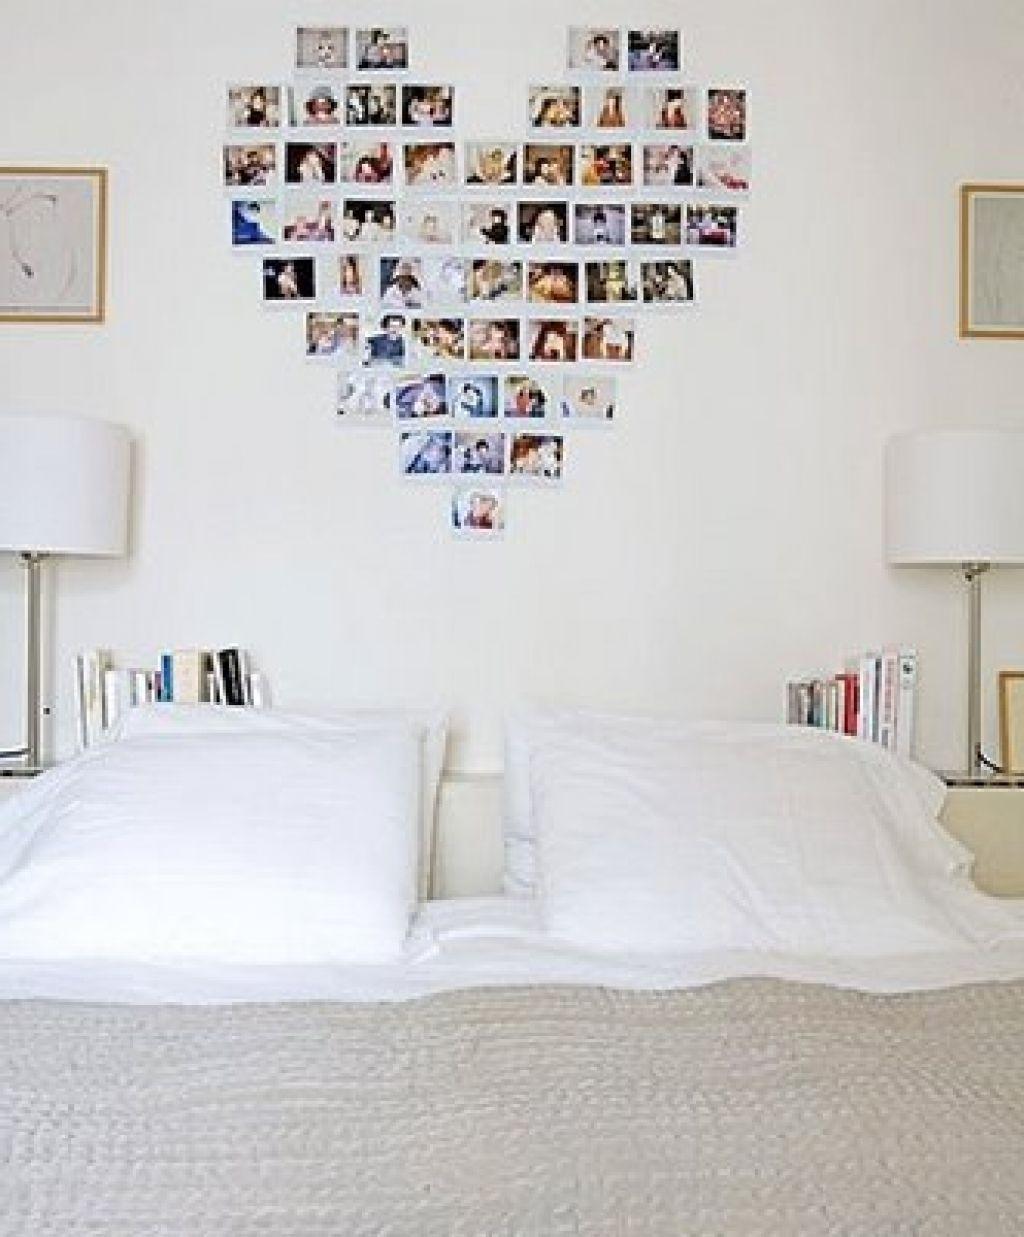 deko ideen wohnzimmer selber machen dekorationsideen Haus